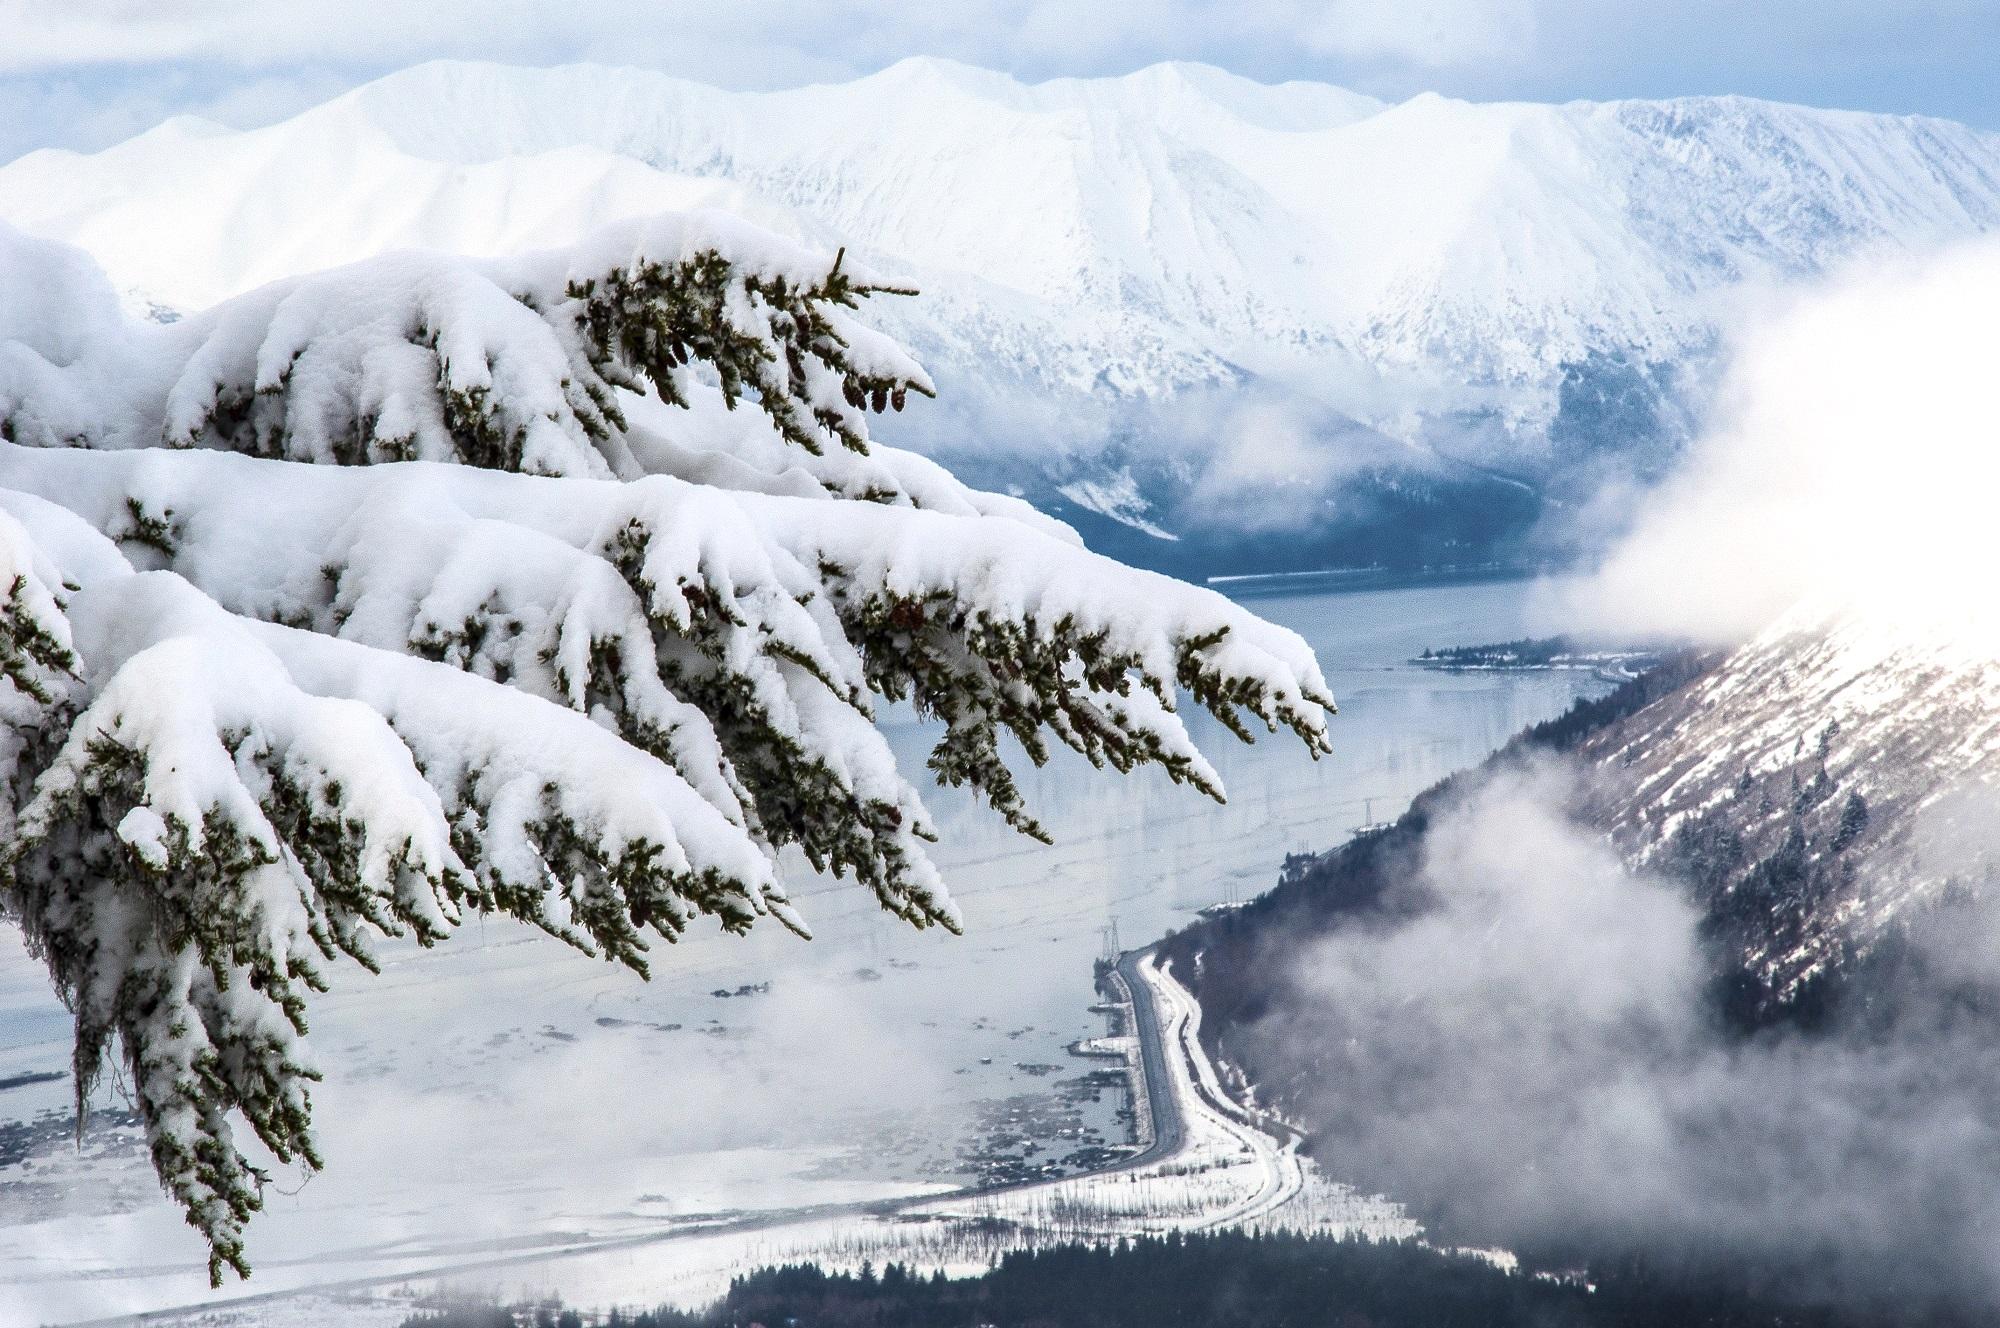 Alyeska Ski Resort Alyeska Accommodations Skisync